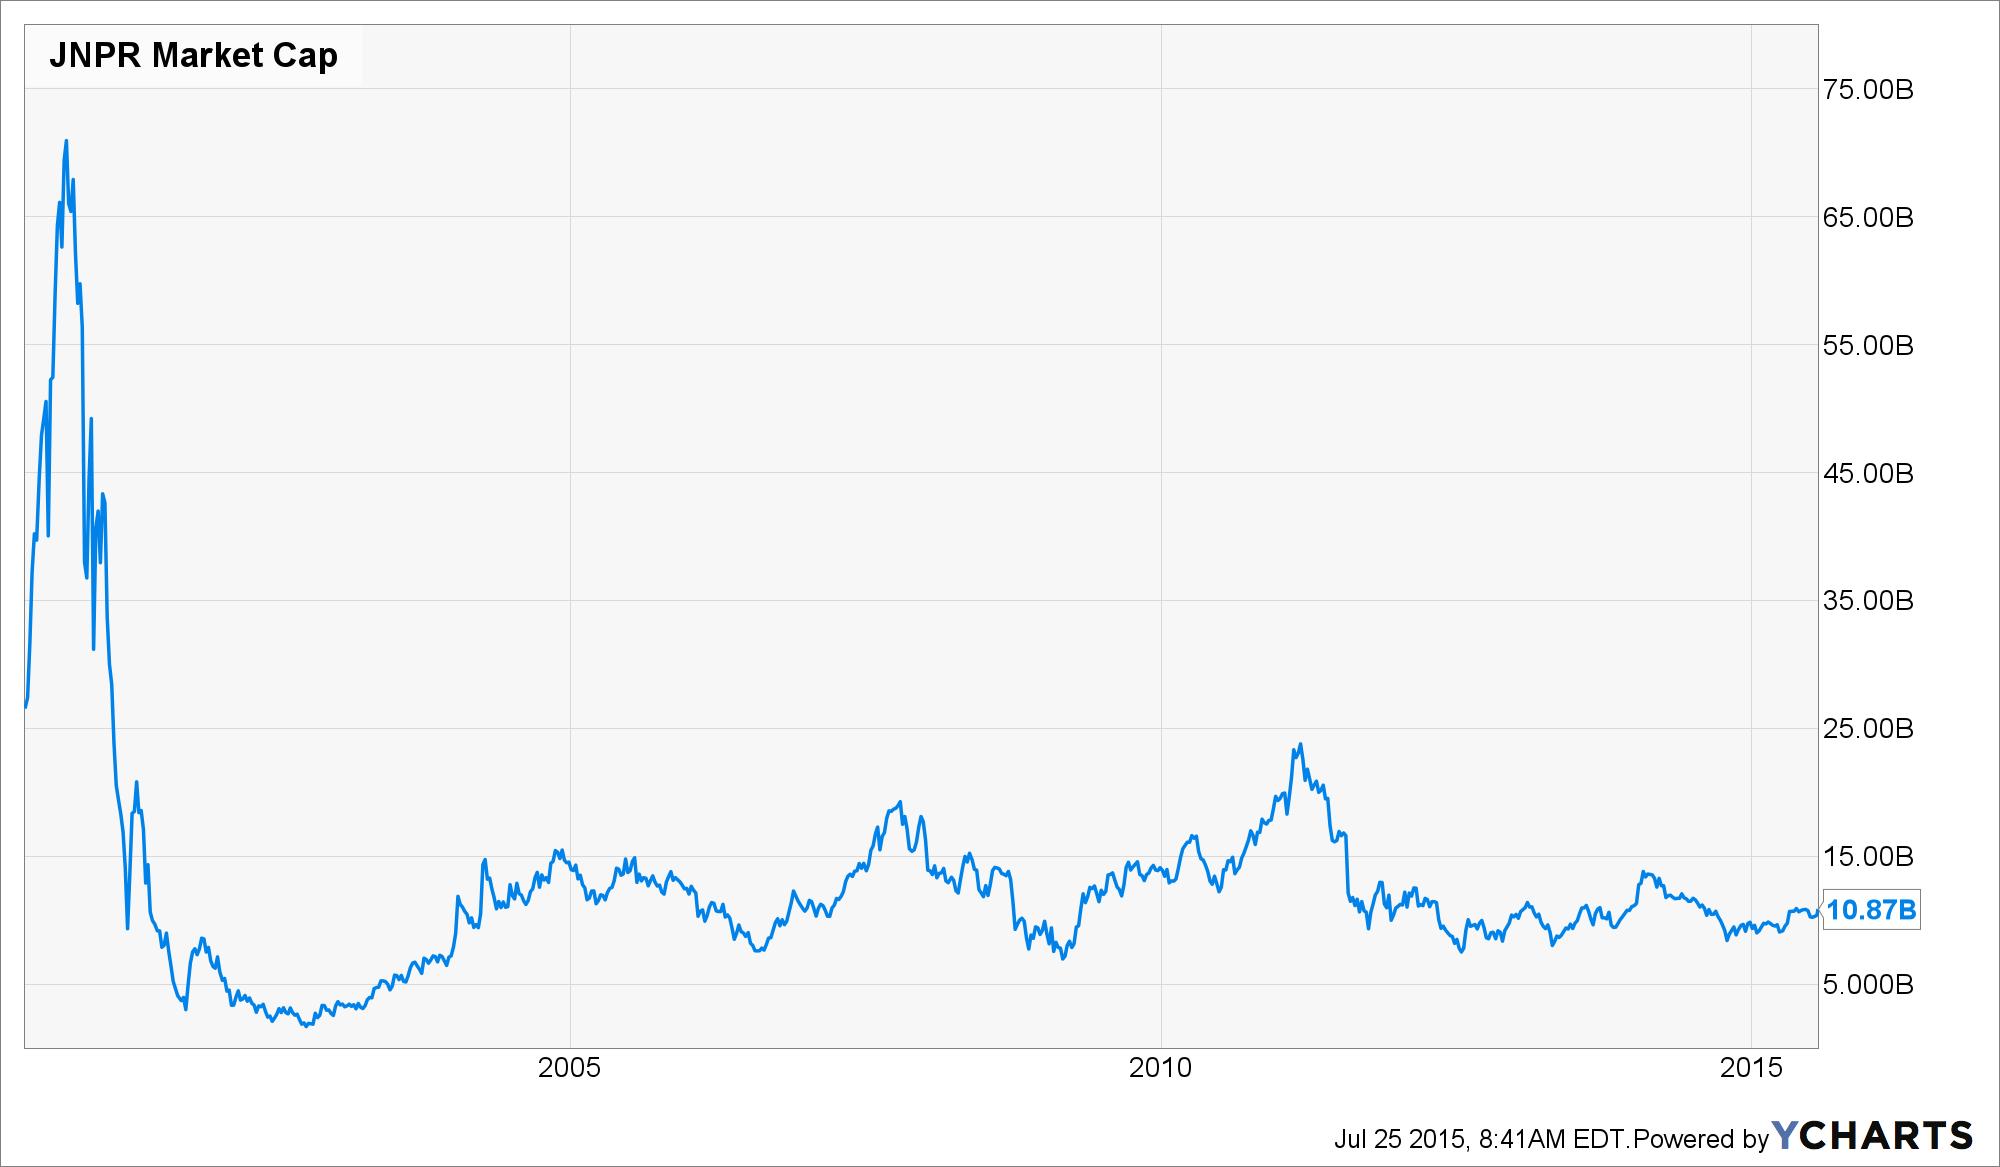 JNPR Market Cap Chart